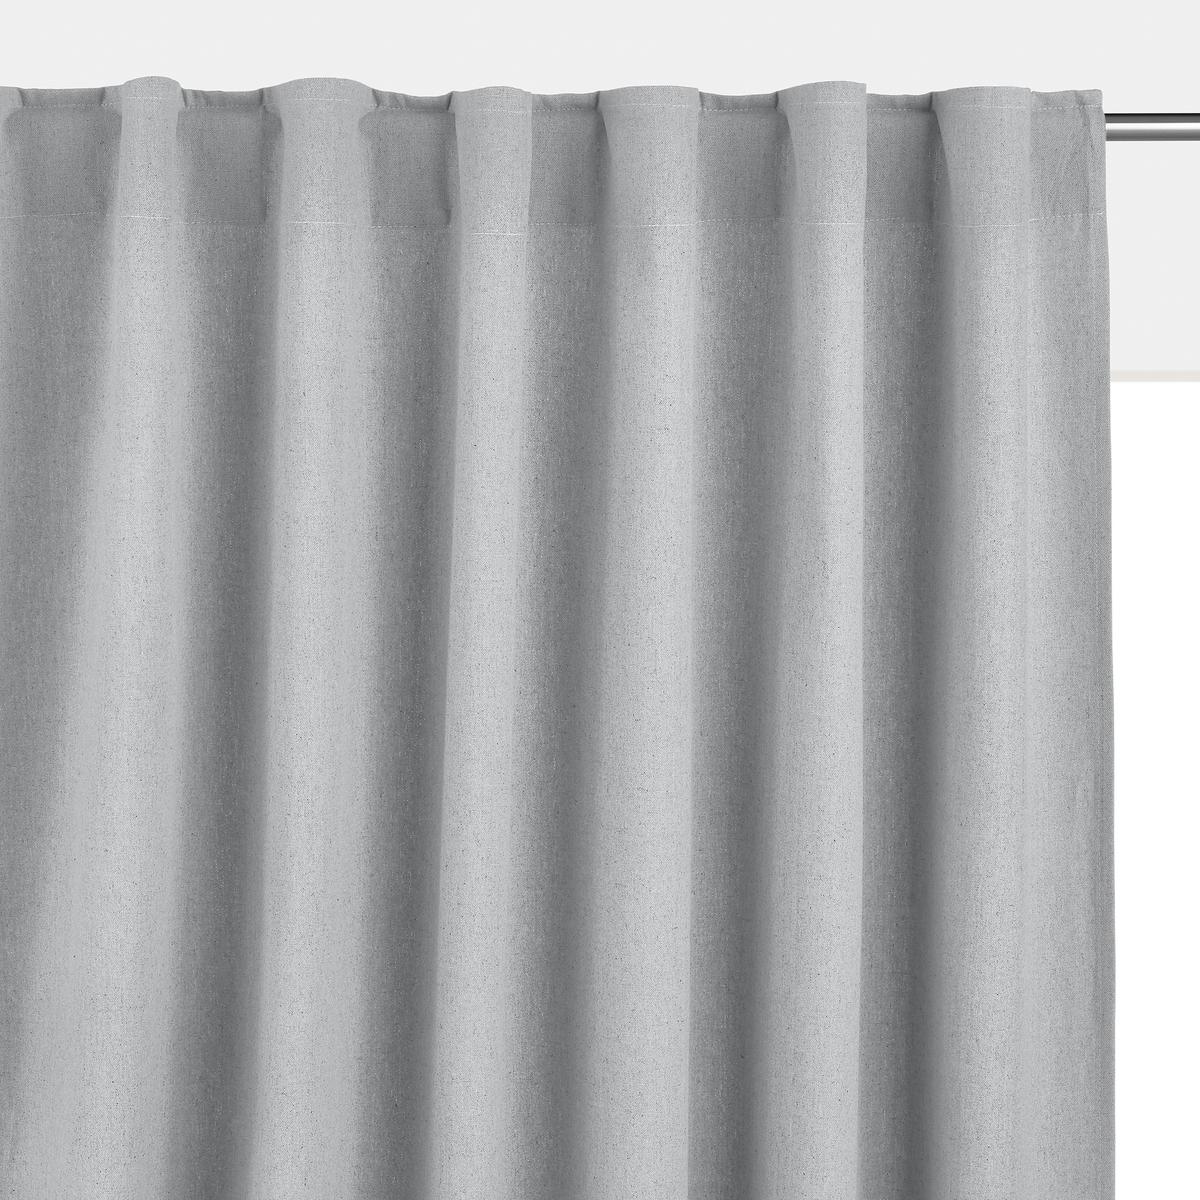 Штора LaRedoute Из льна и хлопка со скрытыми клапанами Tama 180 x 145 см серый